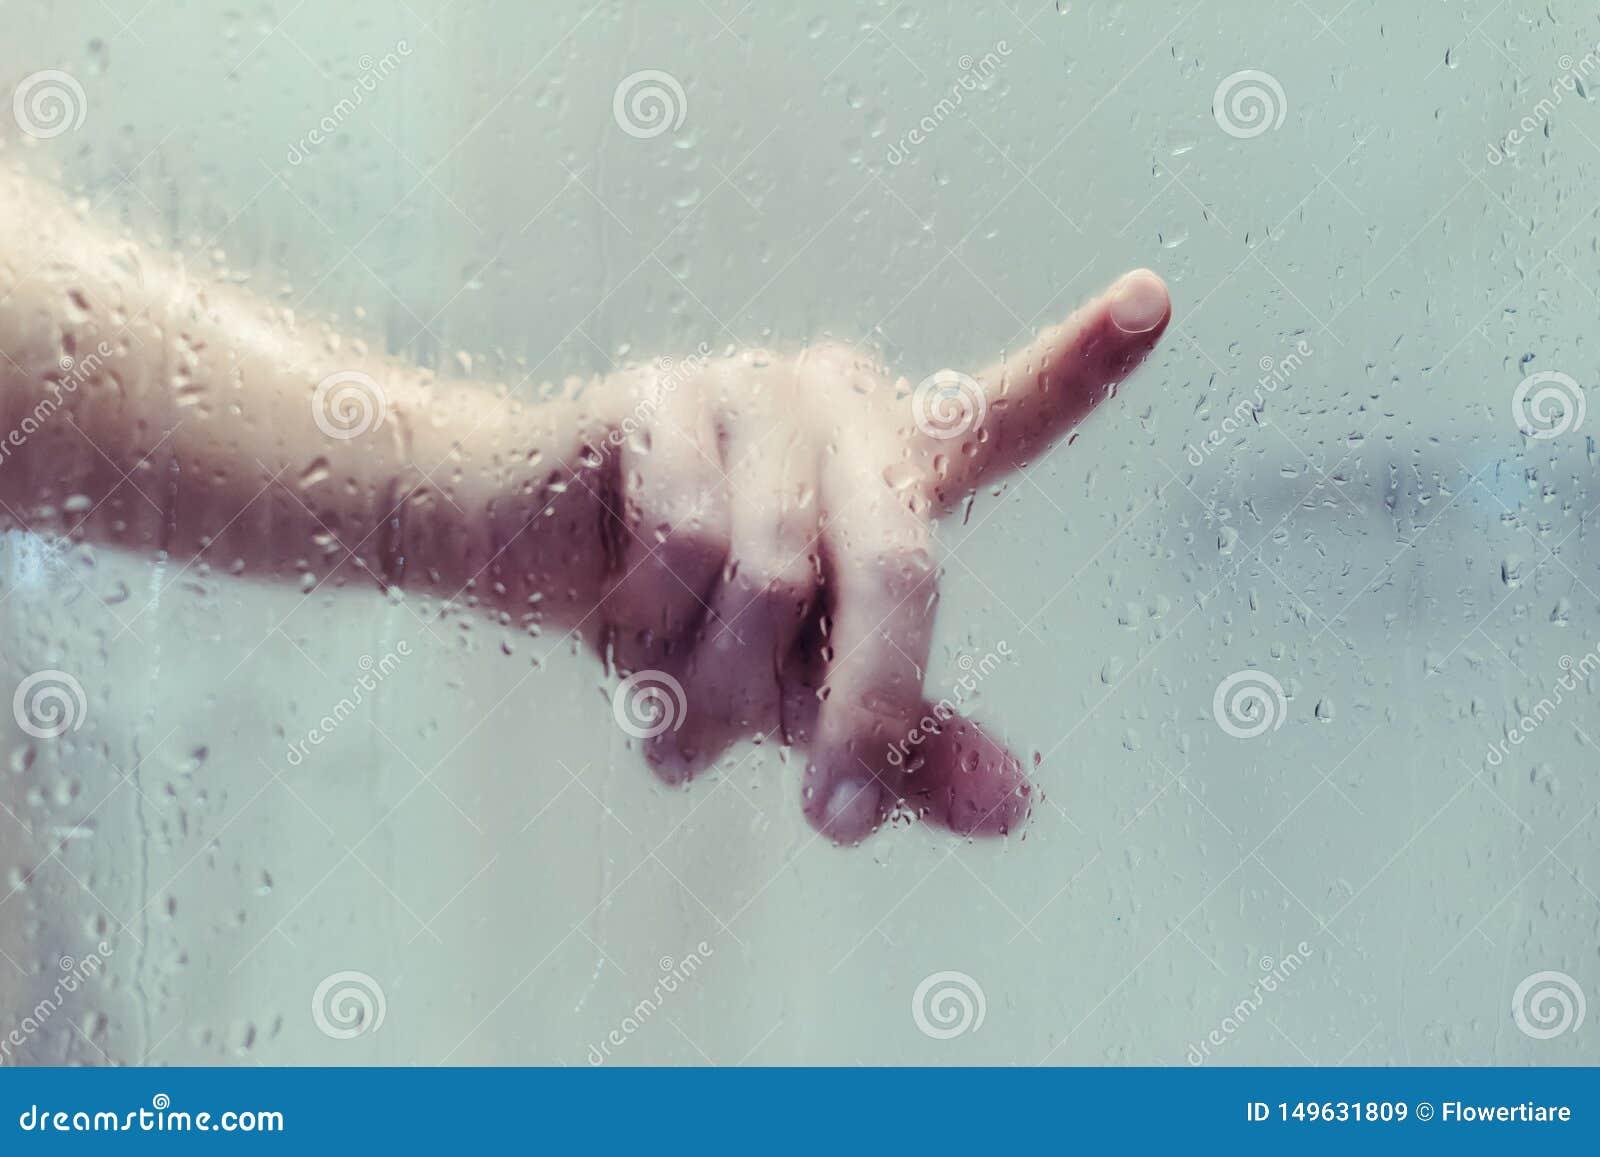 De naakte mooie vrouw een douche nemen en de aanrakingen die overhandigen nat misted glas